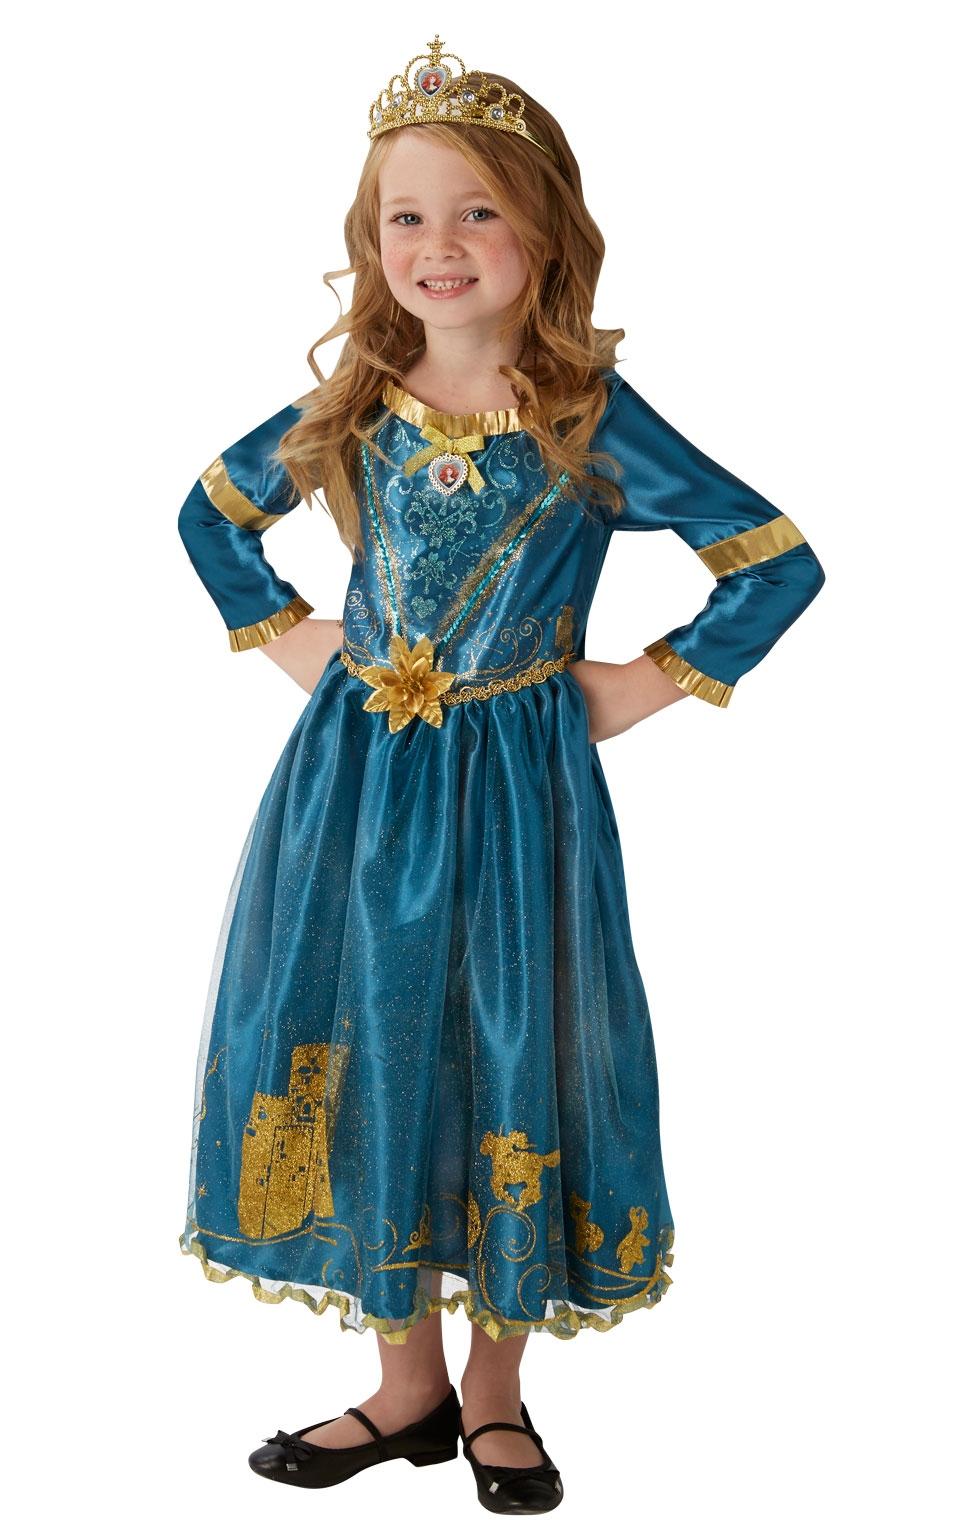 цены на Костюм принцессы Мериды Disney (28-30) в интернет-магазинах